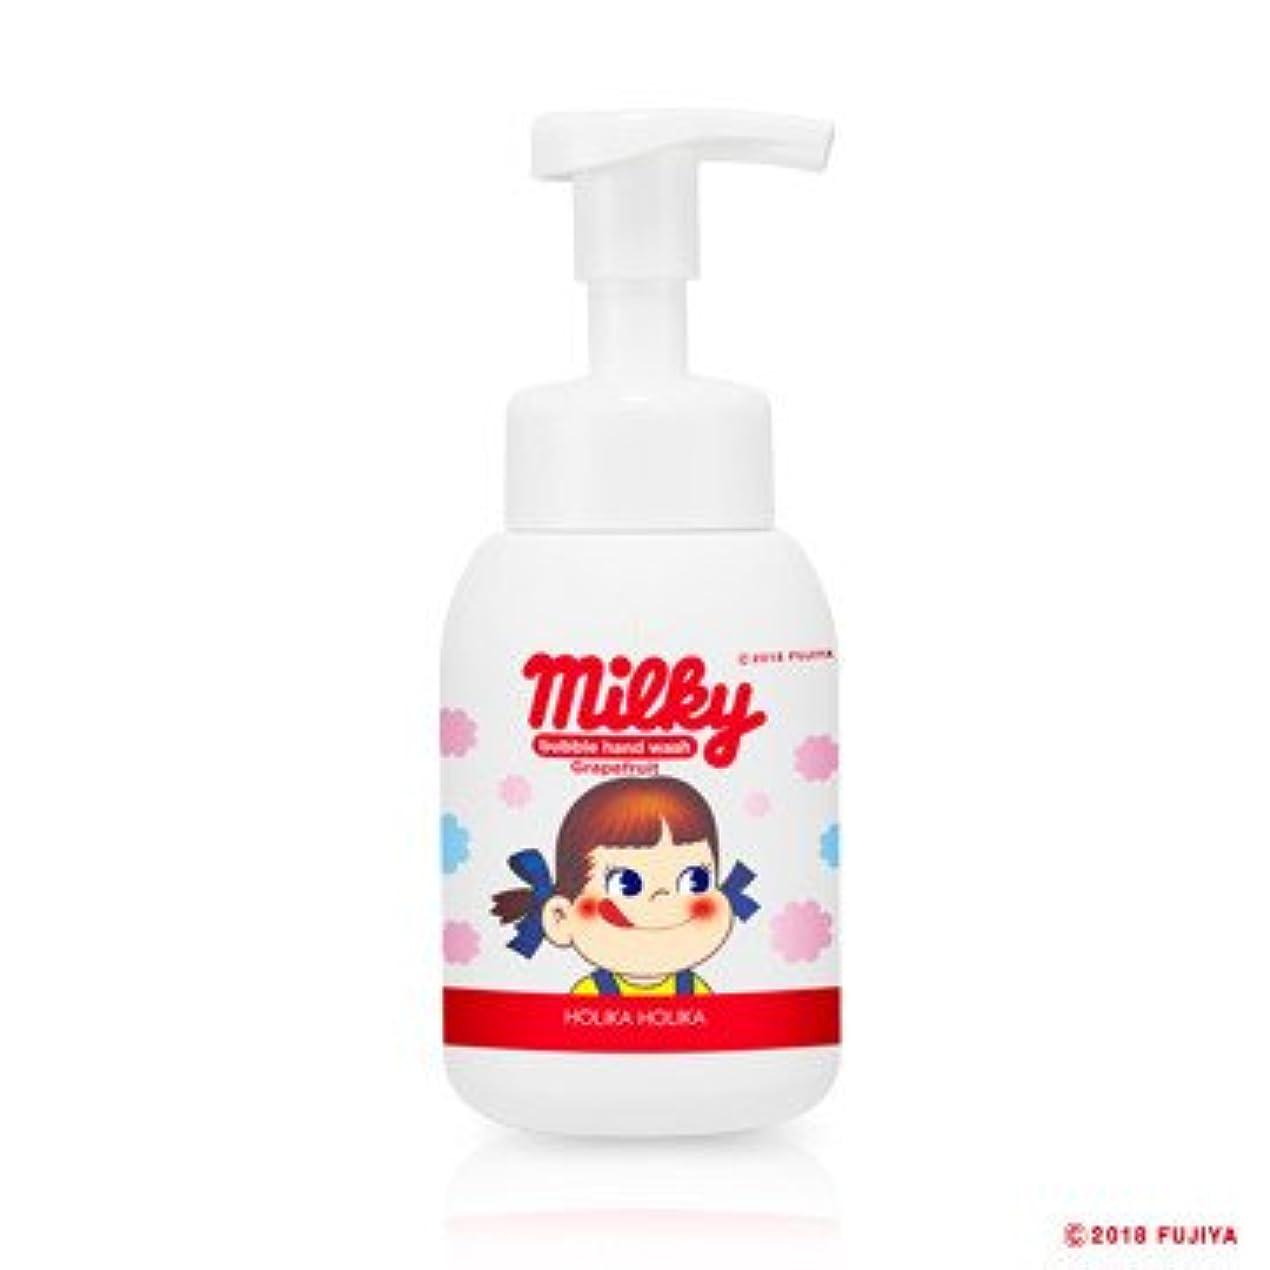 タックル変形処理Holika Holika [Sweet Peko Edition] Bubble Hand Wash/ホリカホリカ [スイートペコエディション] バブルハンドウォッシュ 250ml [並行輸入品]